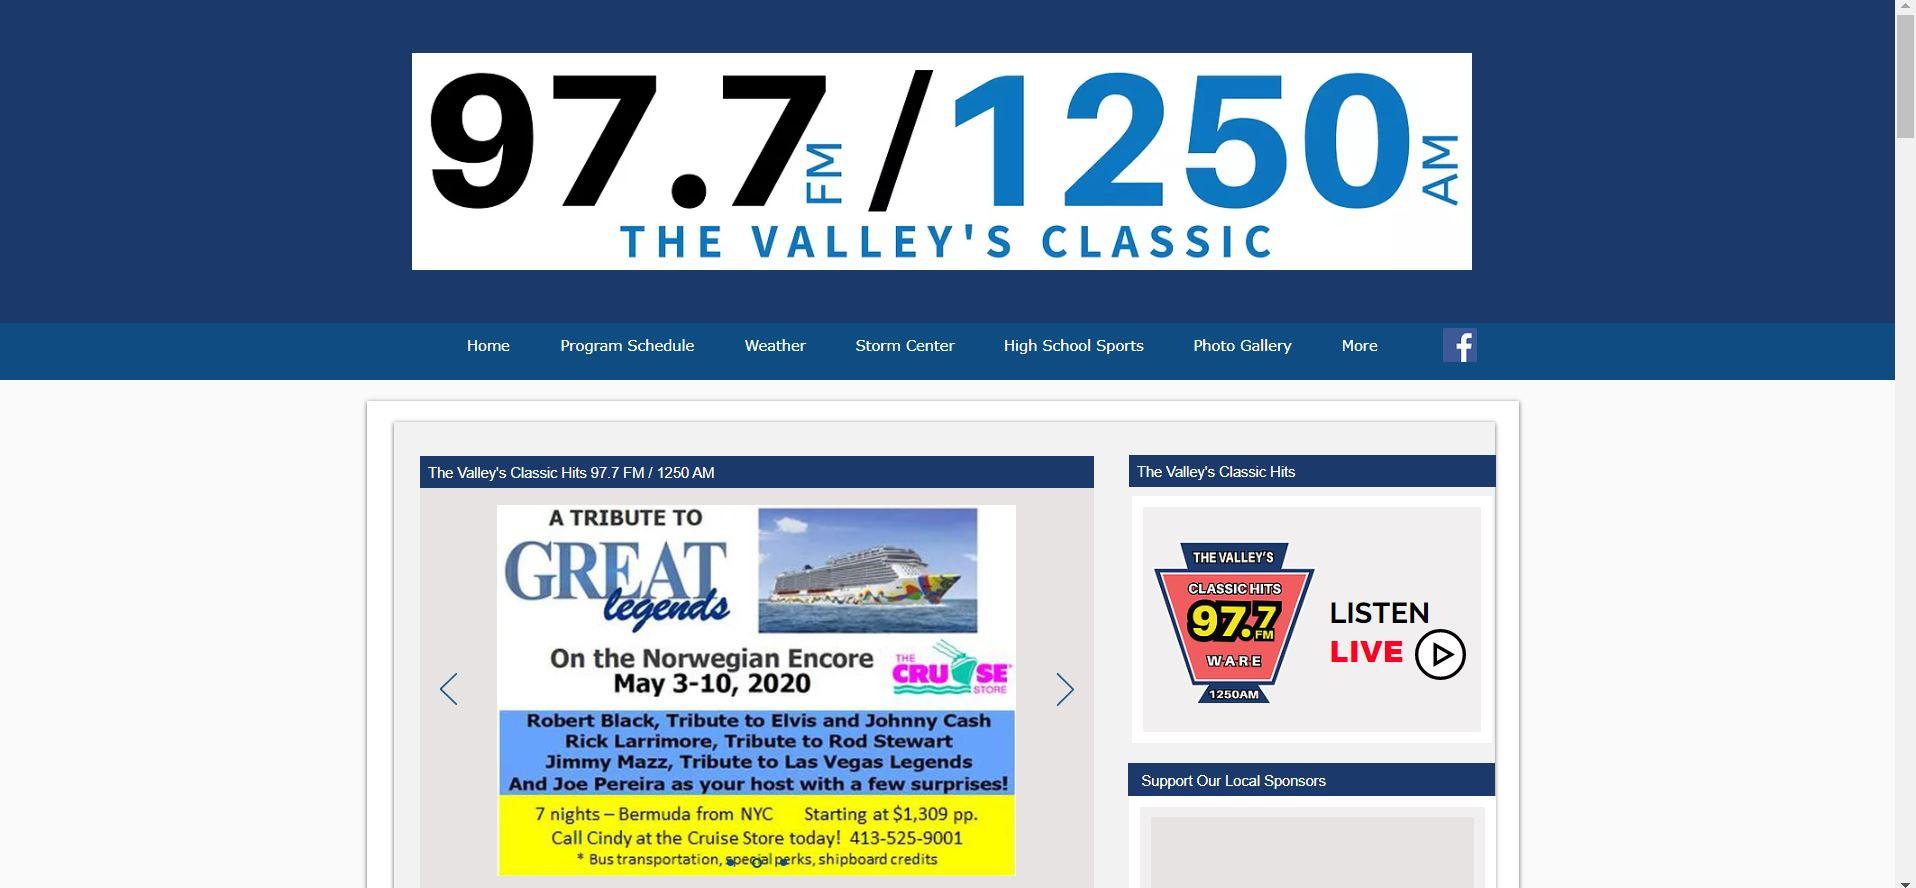 Classic Hits 97.7 FM / 1250 AM